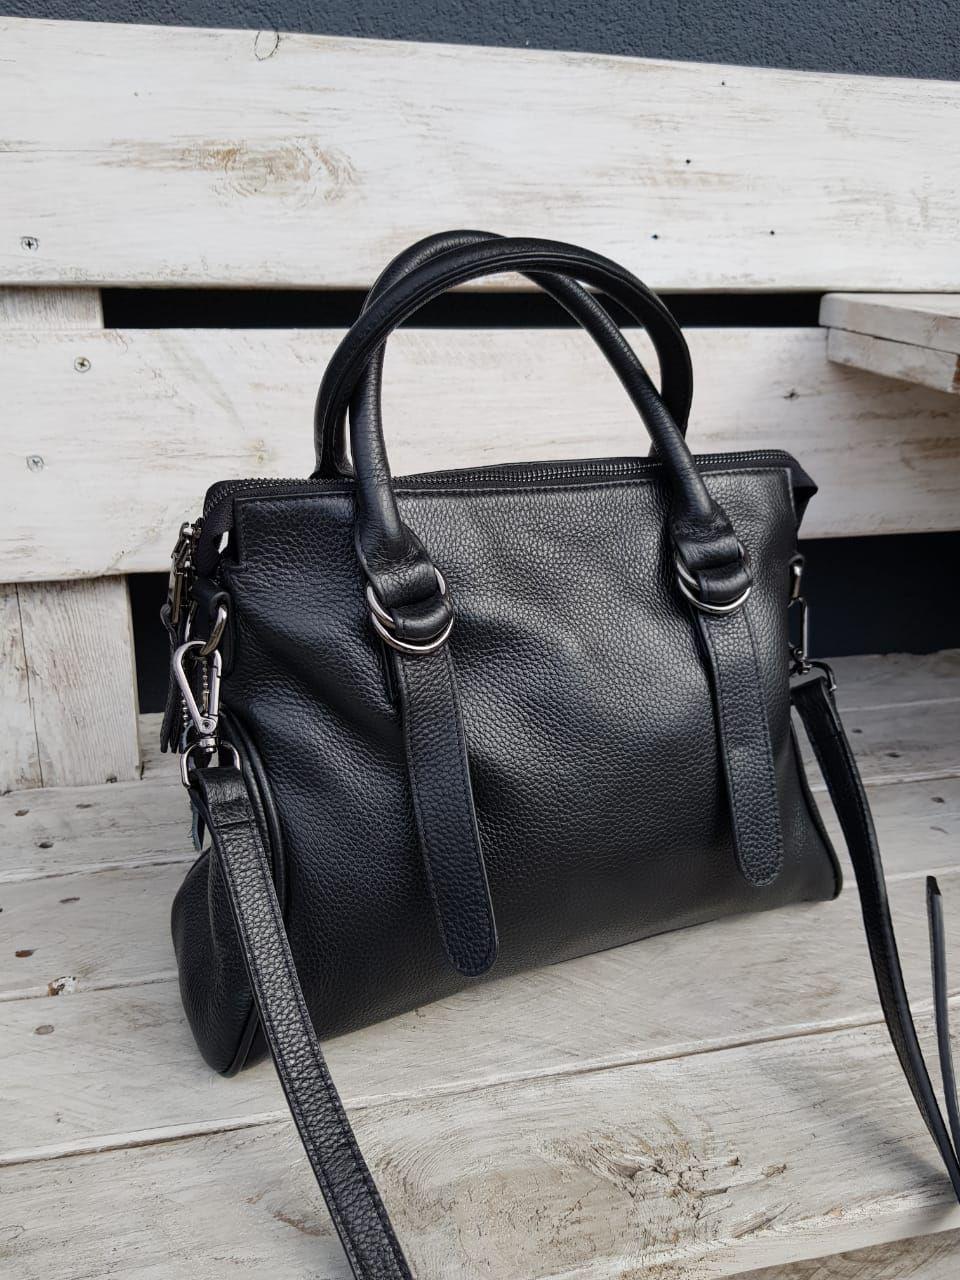 Кожаная женская сумка размером 26х32 см Черная